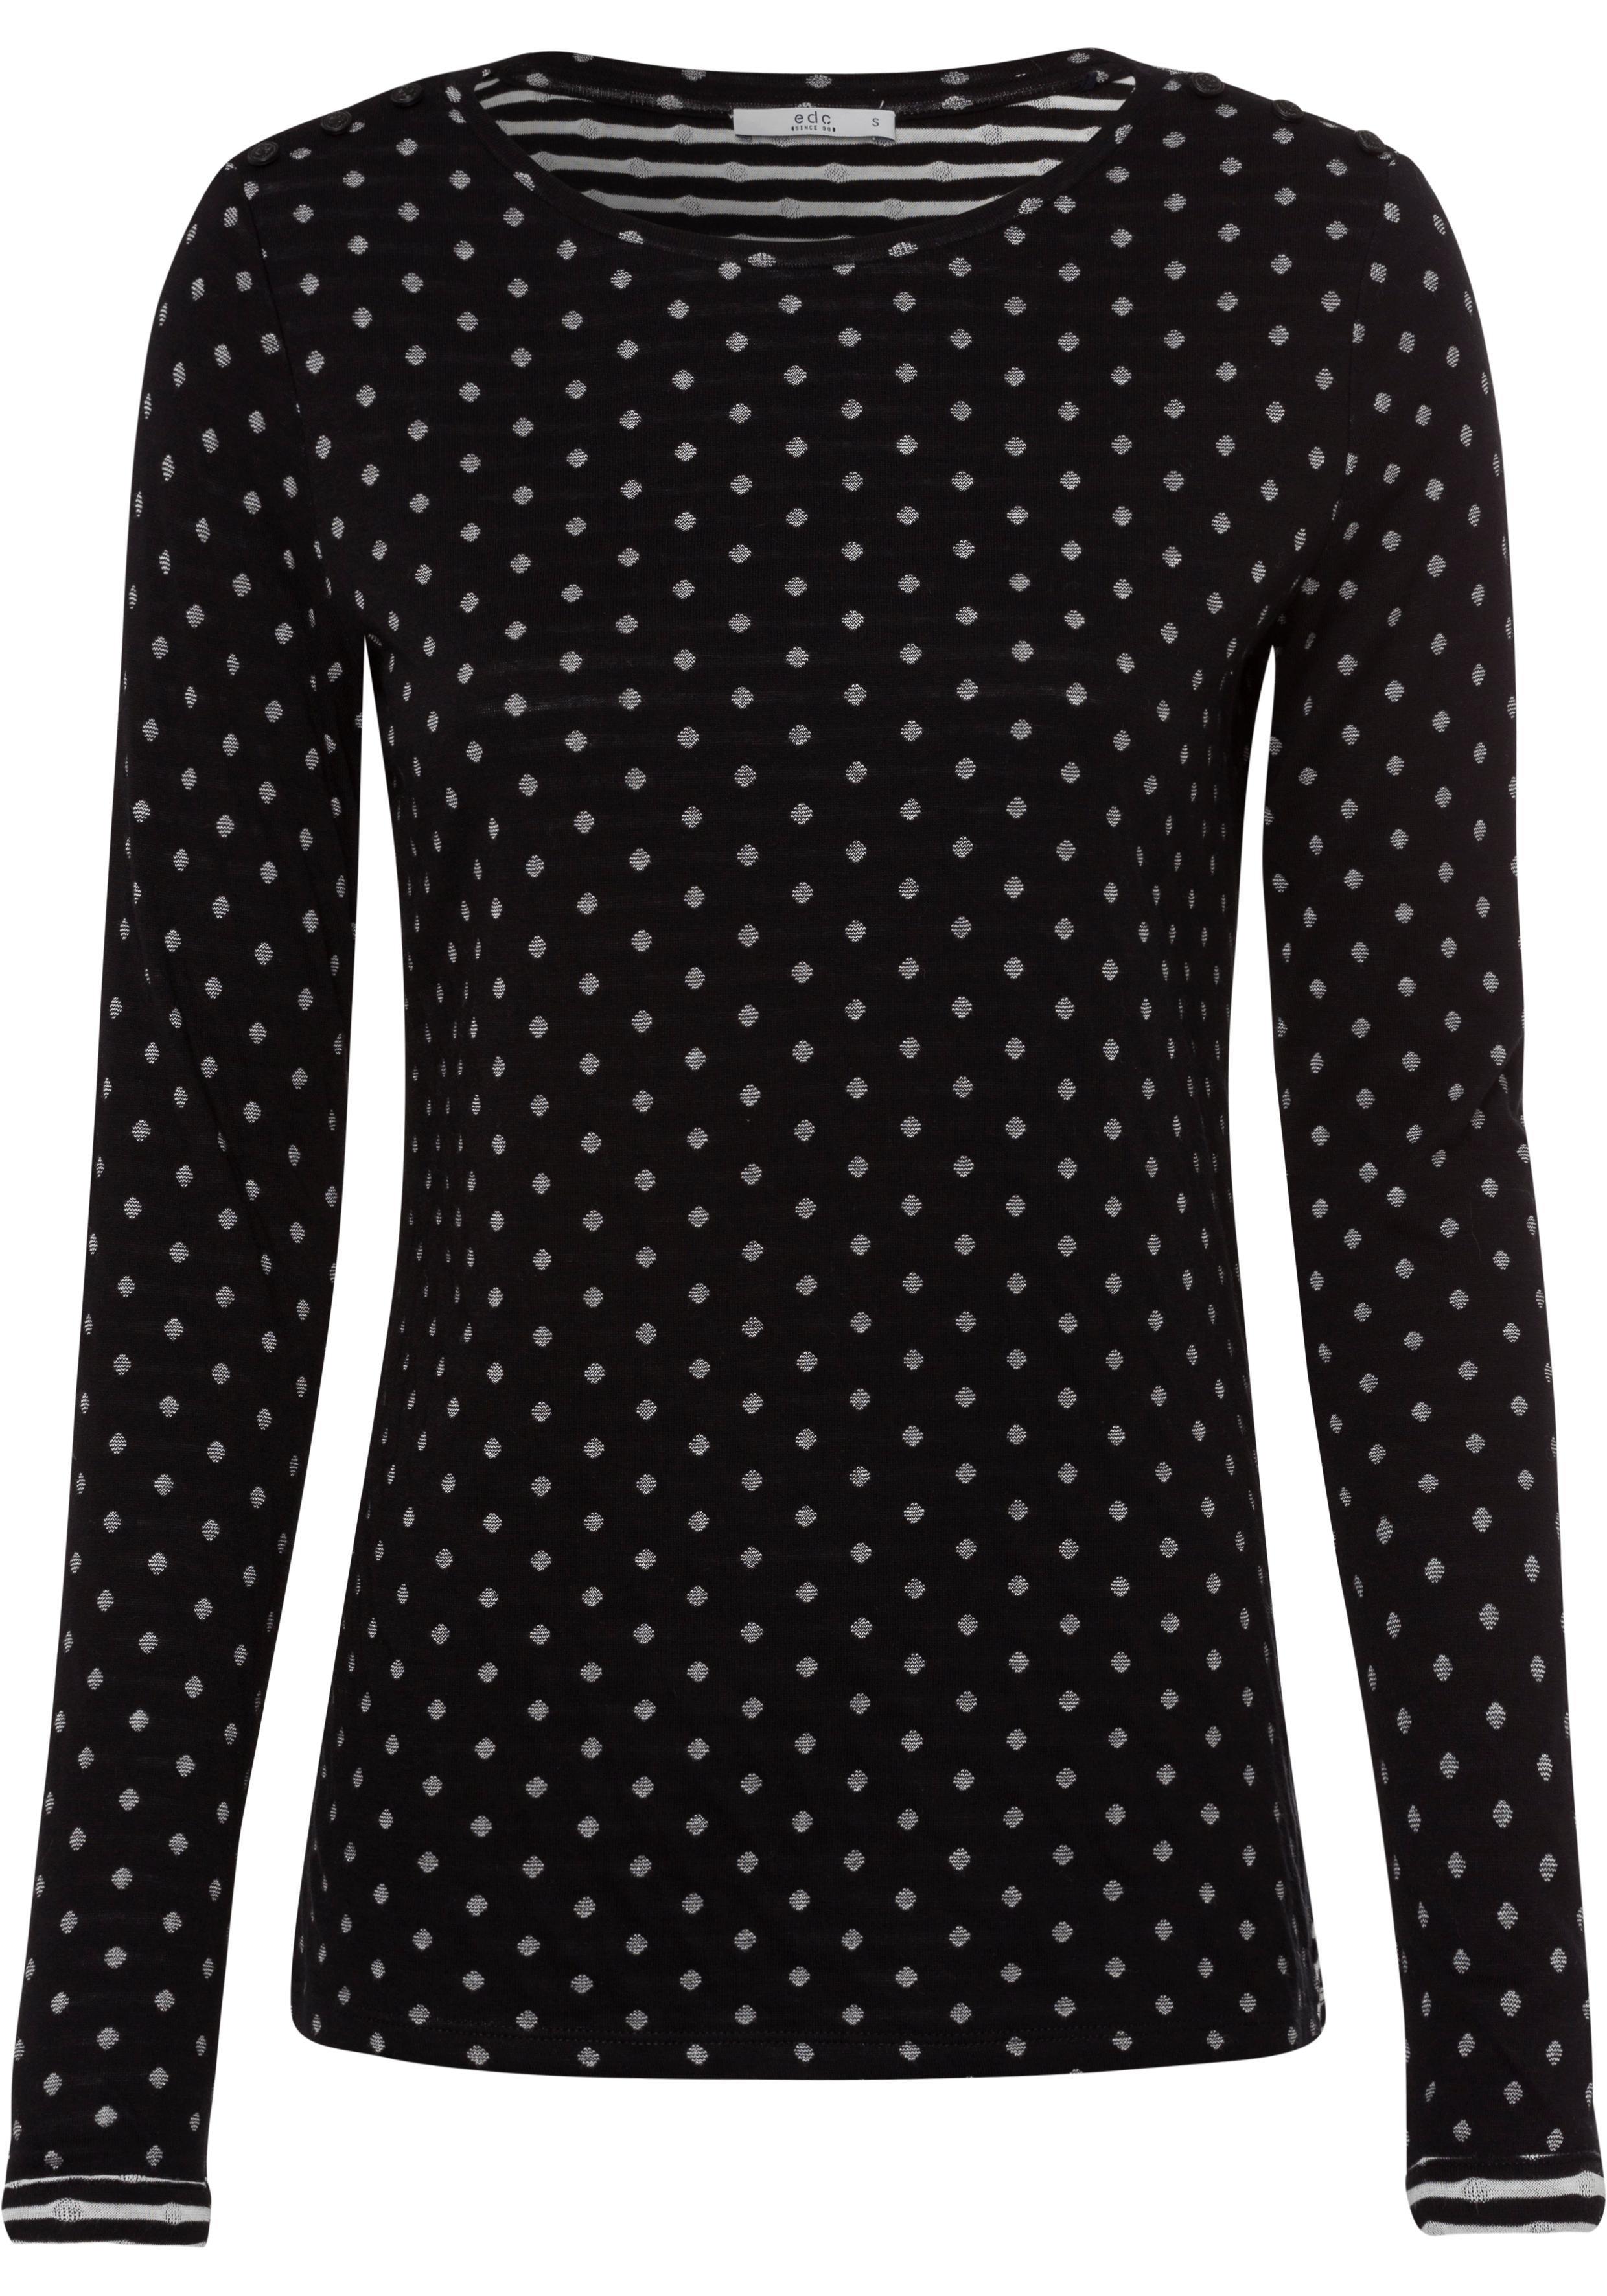 edc by esprit shirt met lange mouwen nu online kopen bij OTTO